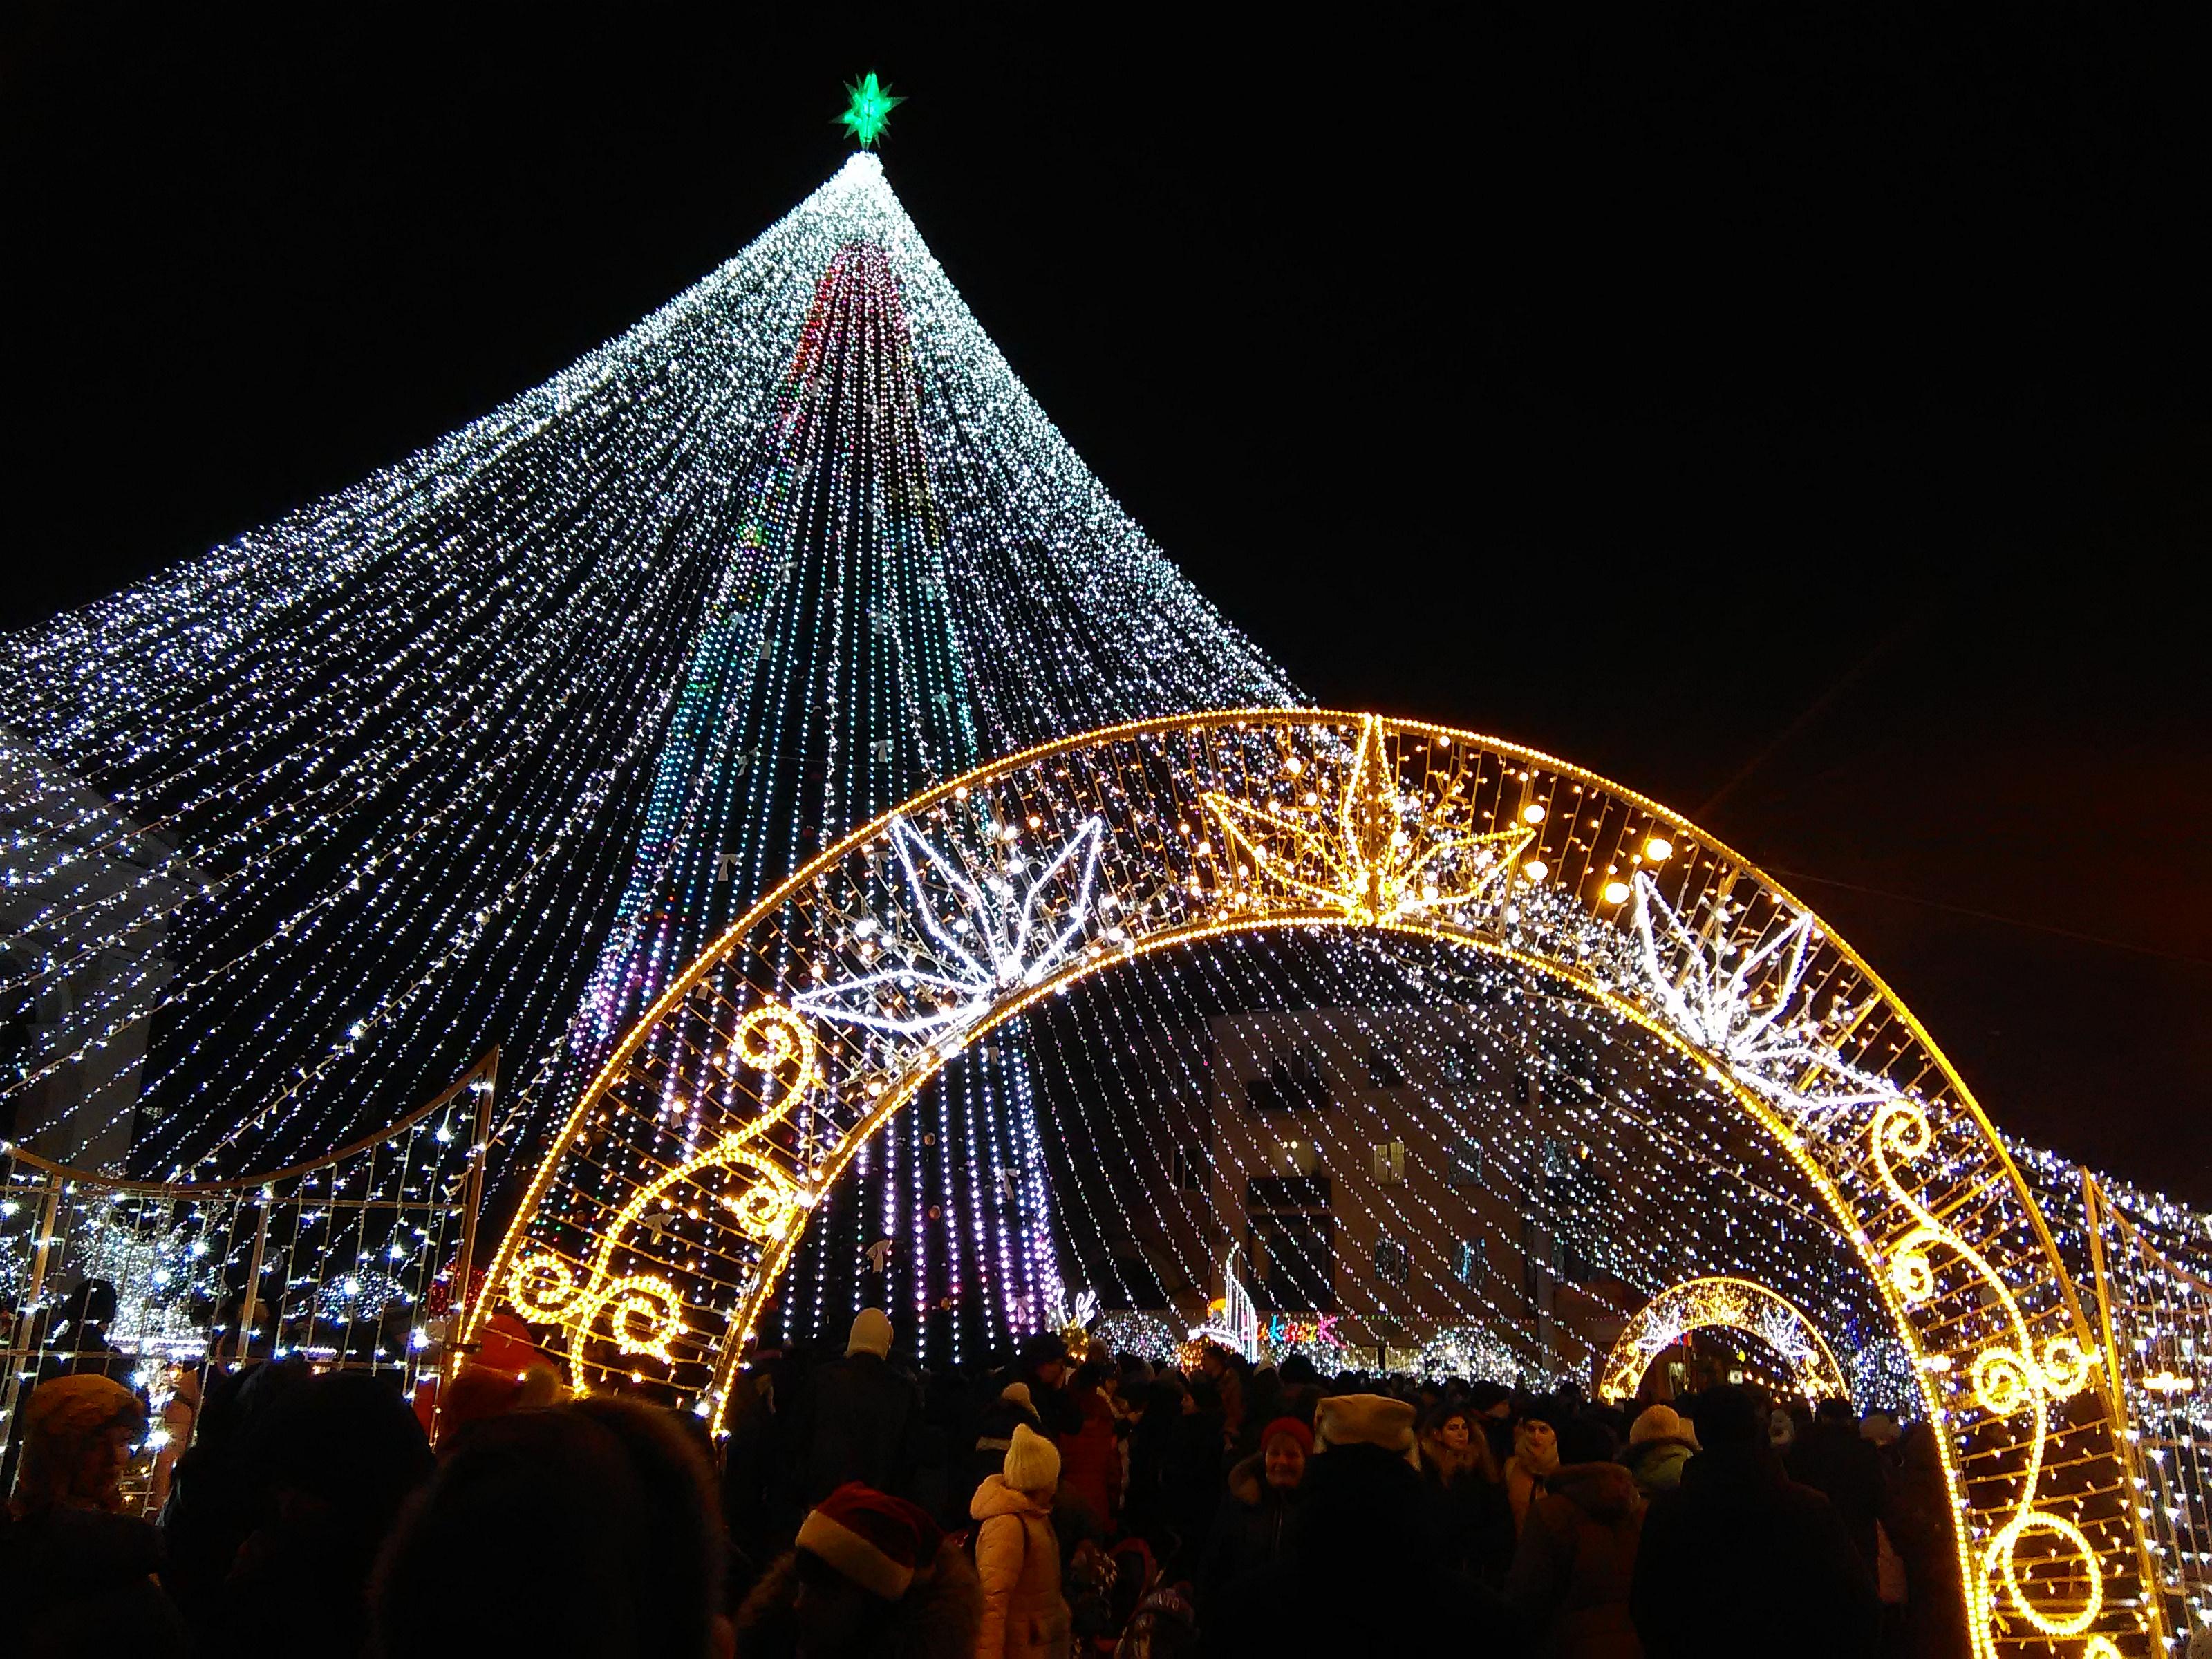 Откроют ли главную елку Полтавы на День святого Николая